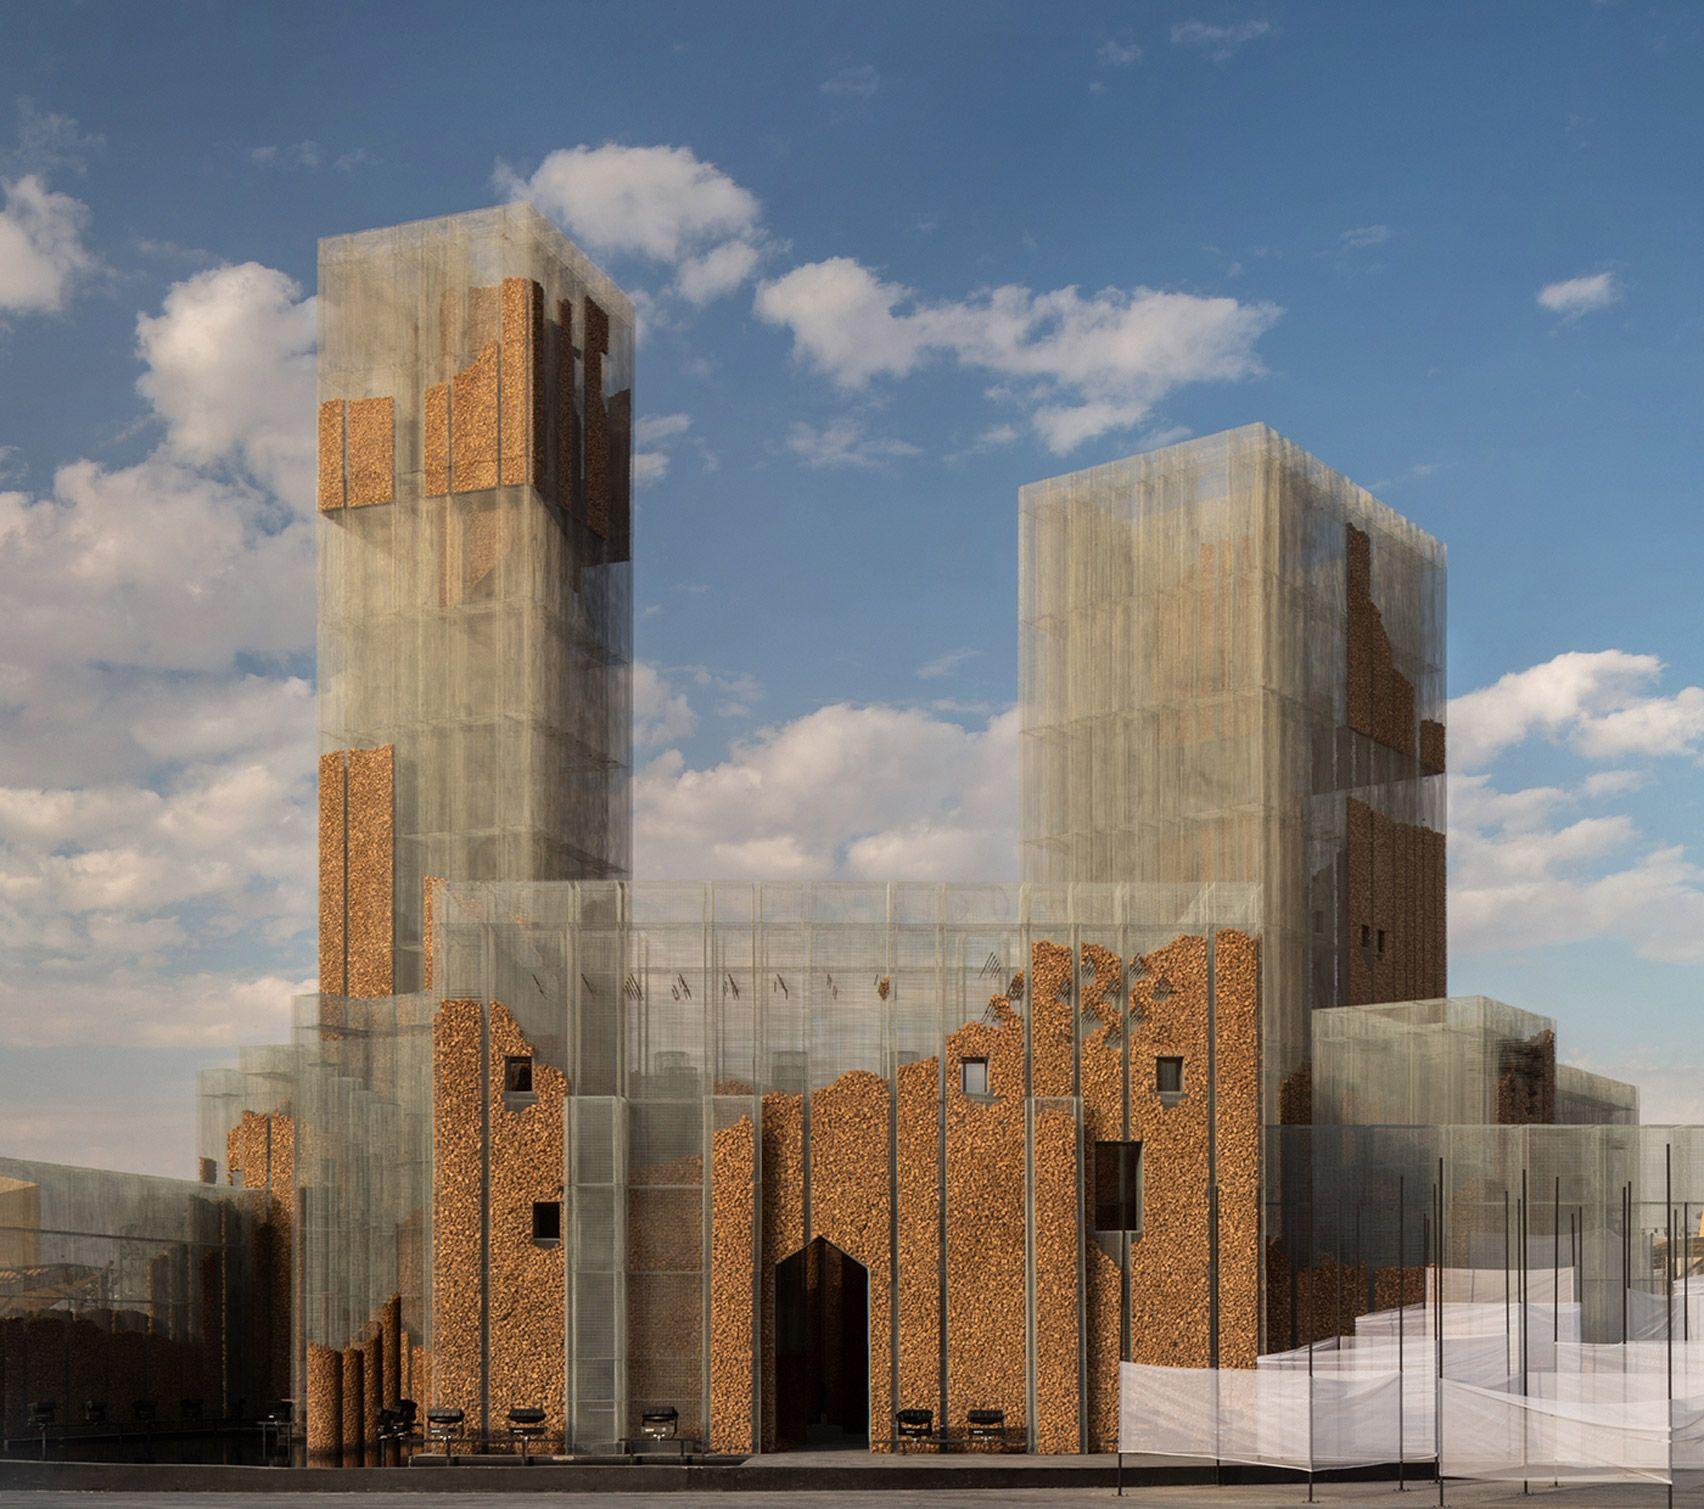 Gharfa Is A Pavilion In Riyadh By Edoardo Tresoldi S Studio Studio Studio Lab In 2020 Riyadh Architecture Landmark Street Installation